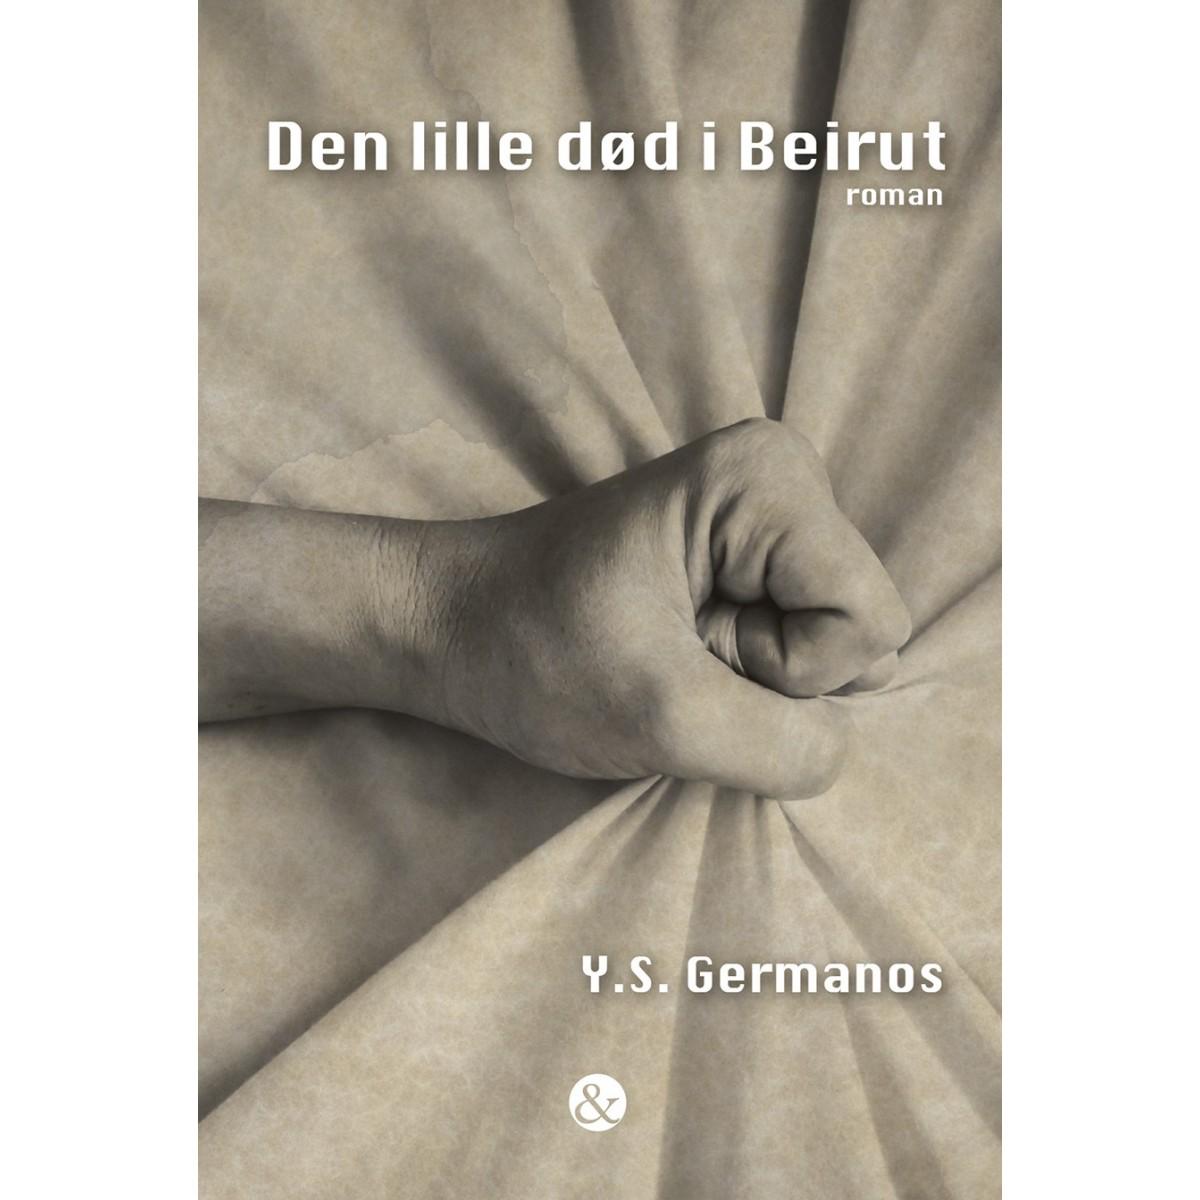 Y.S. Germanos: Den lille død i Beirut